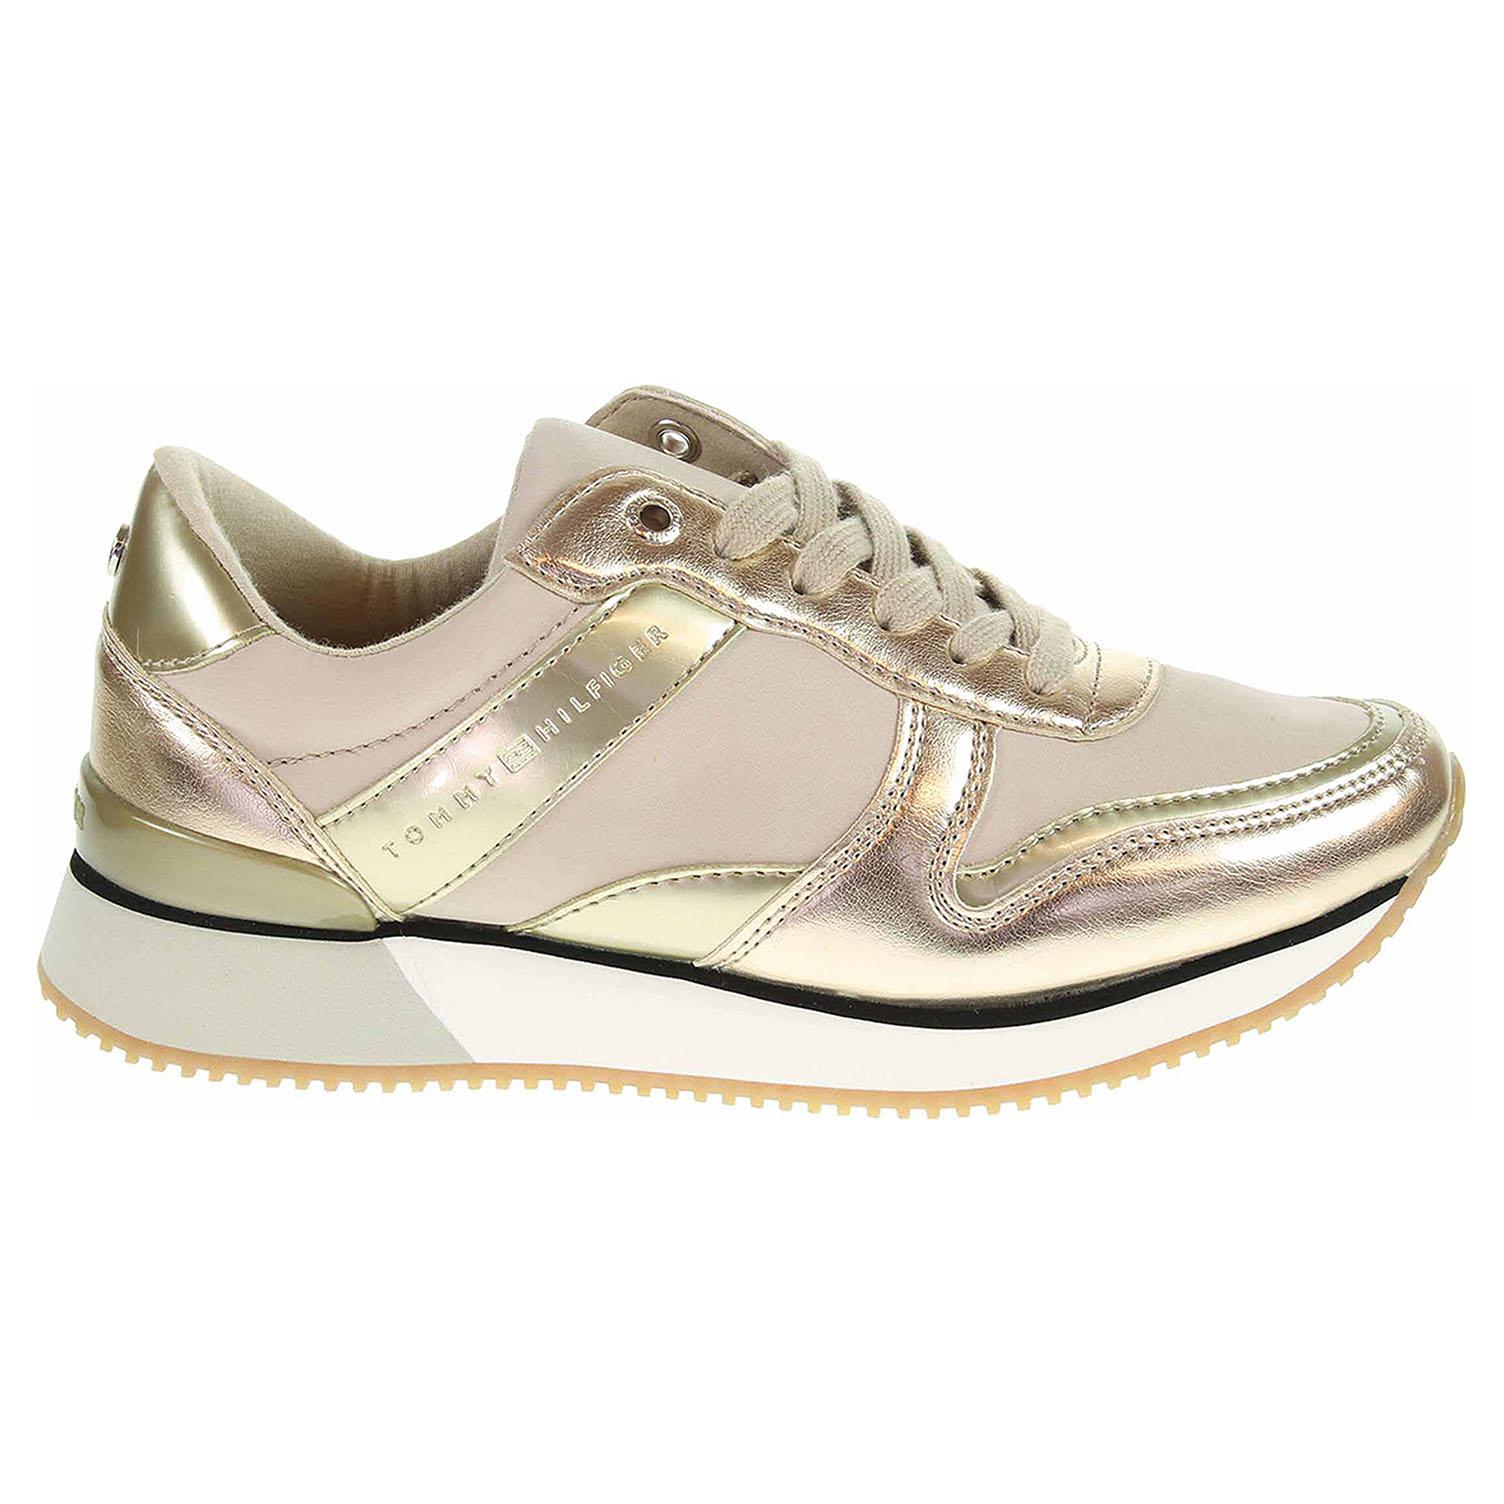 71db3feab21b Tommy Hilfiger dámská obuv FW0FW02683 102 sand FW0FW02683 102 38